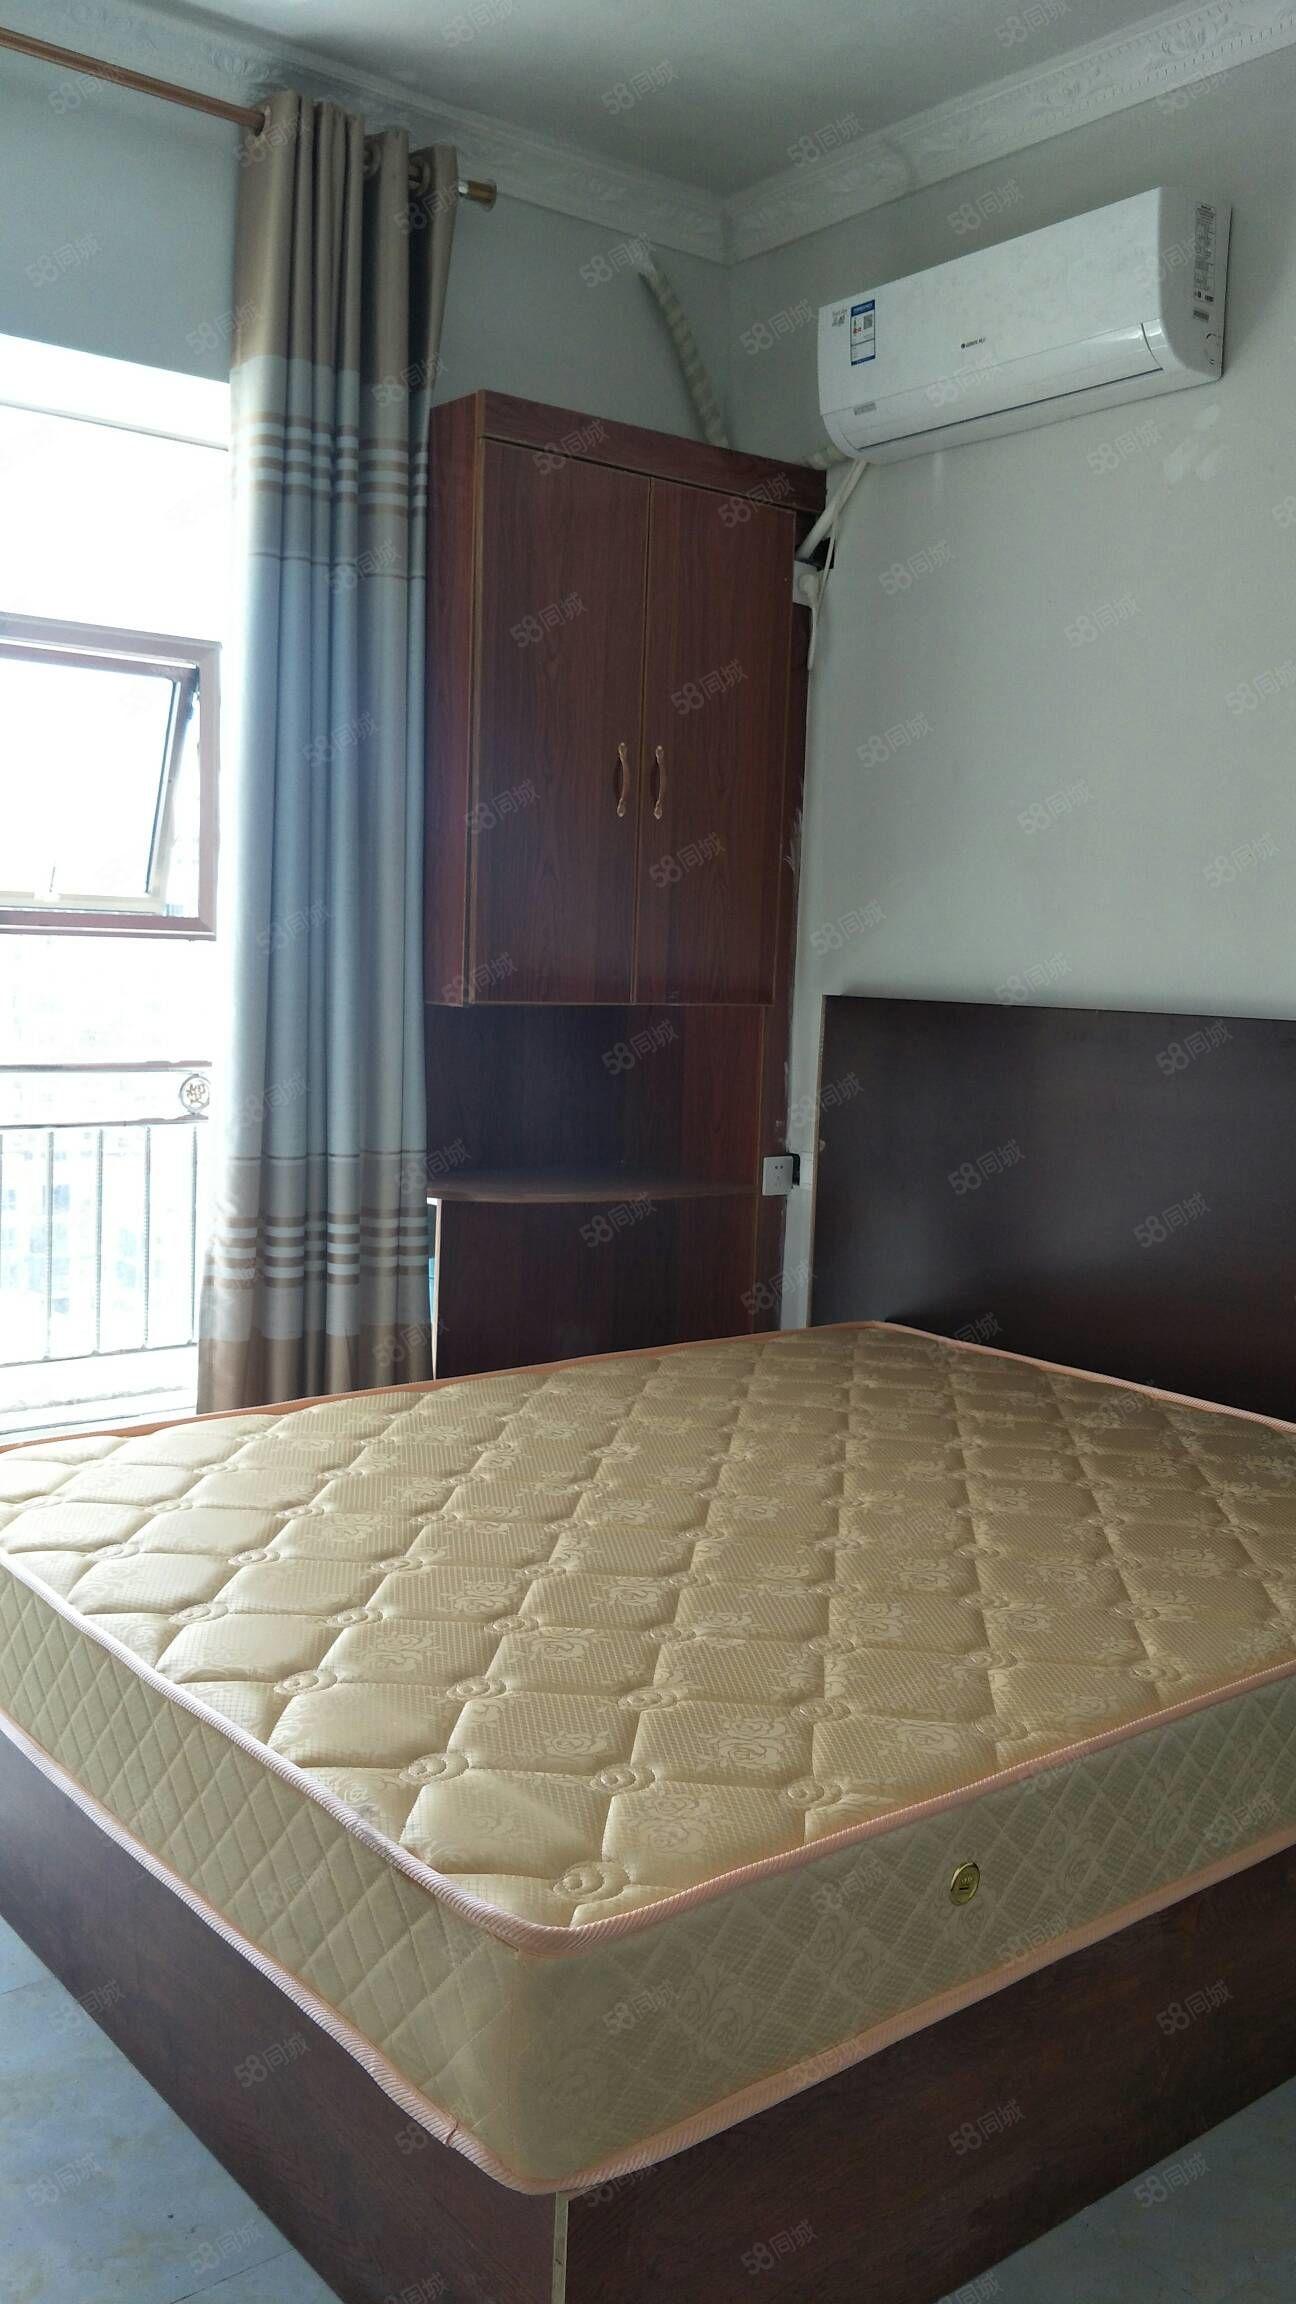 名城世家1室1厨1卫电梯公寓楼图片上有的都有拎包入住,